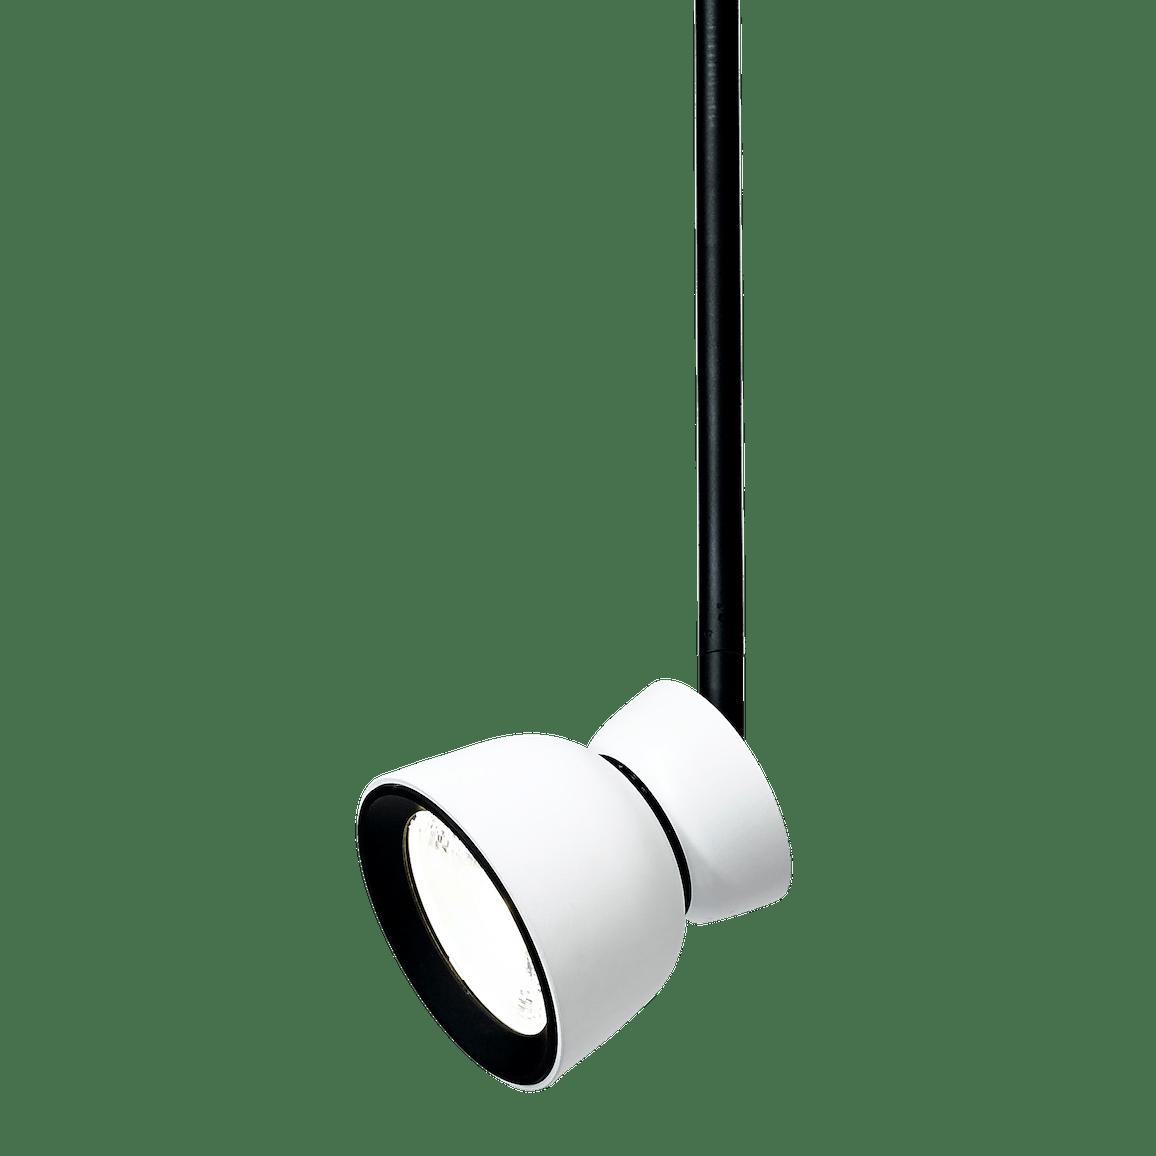 Ago lighting bell pendant white lit haute living